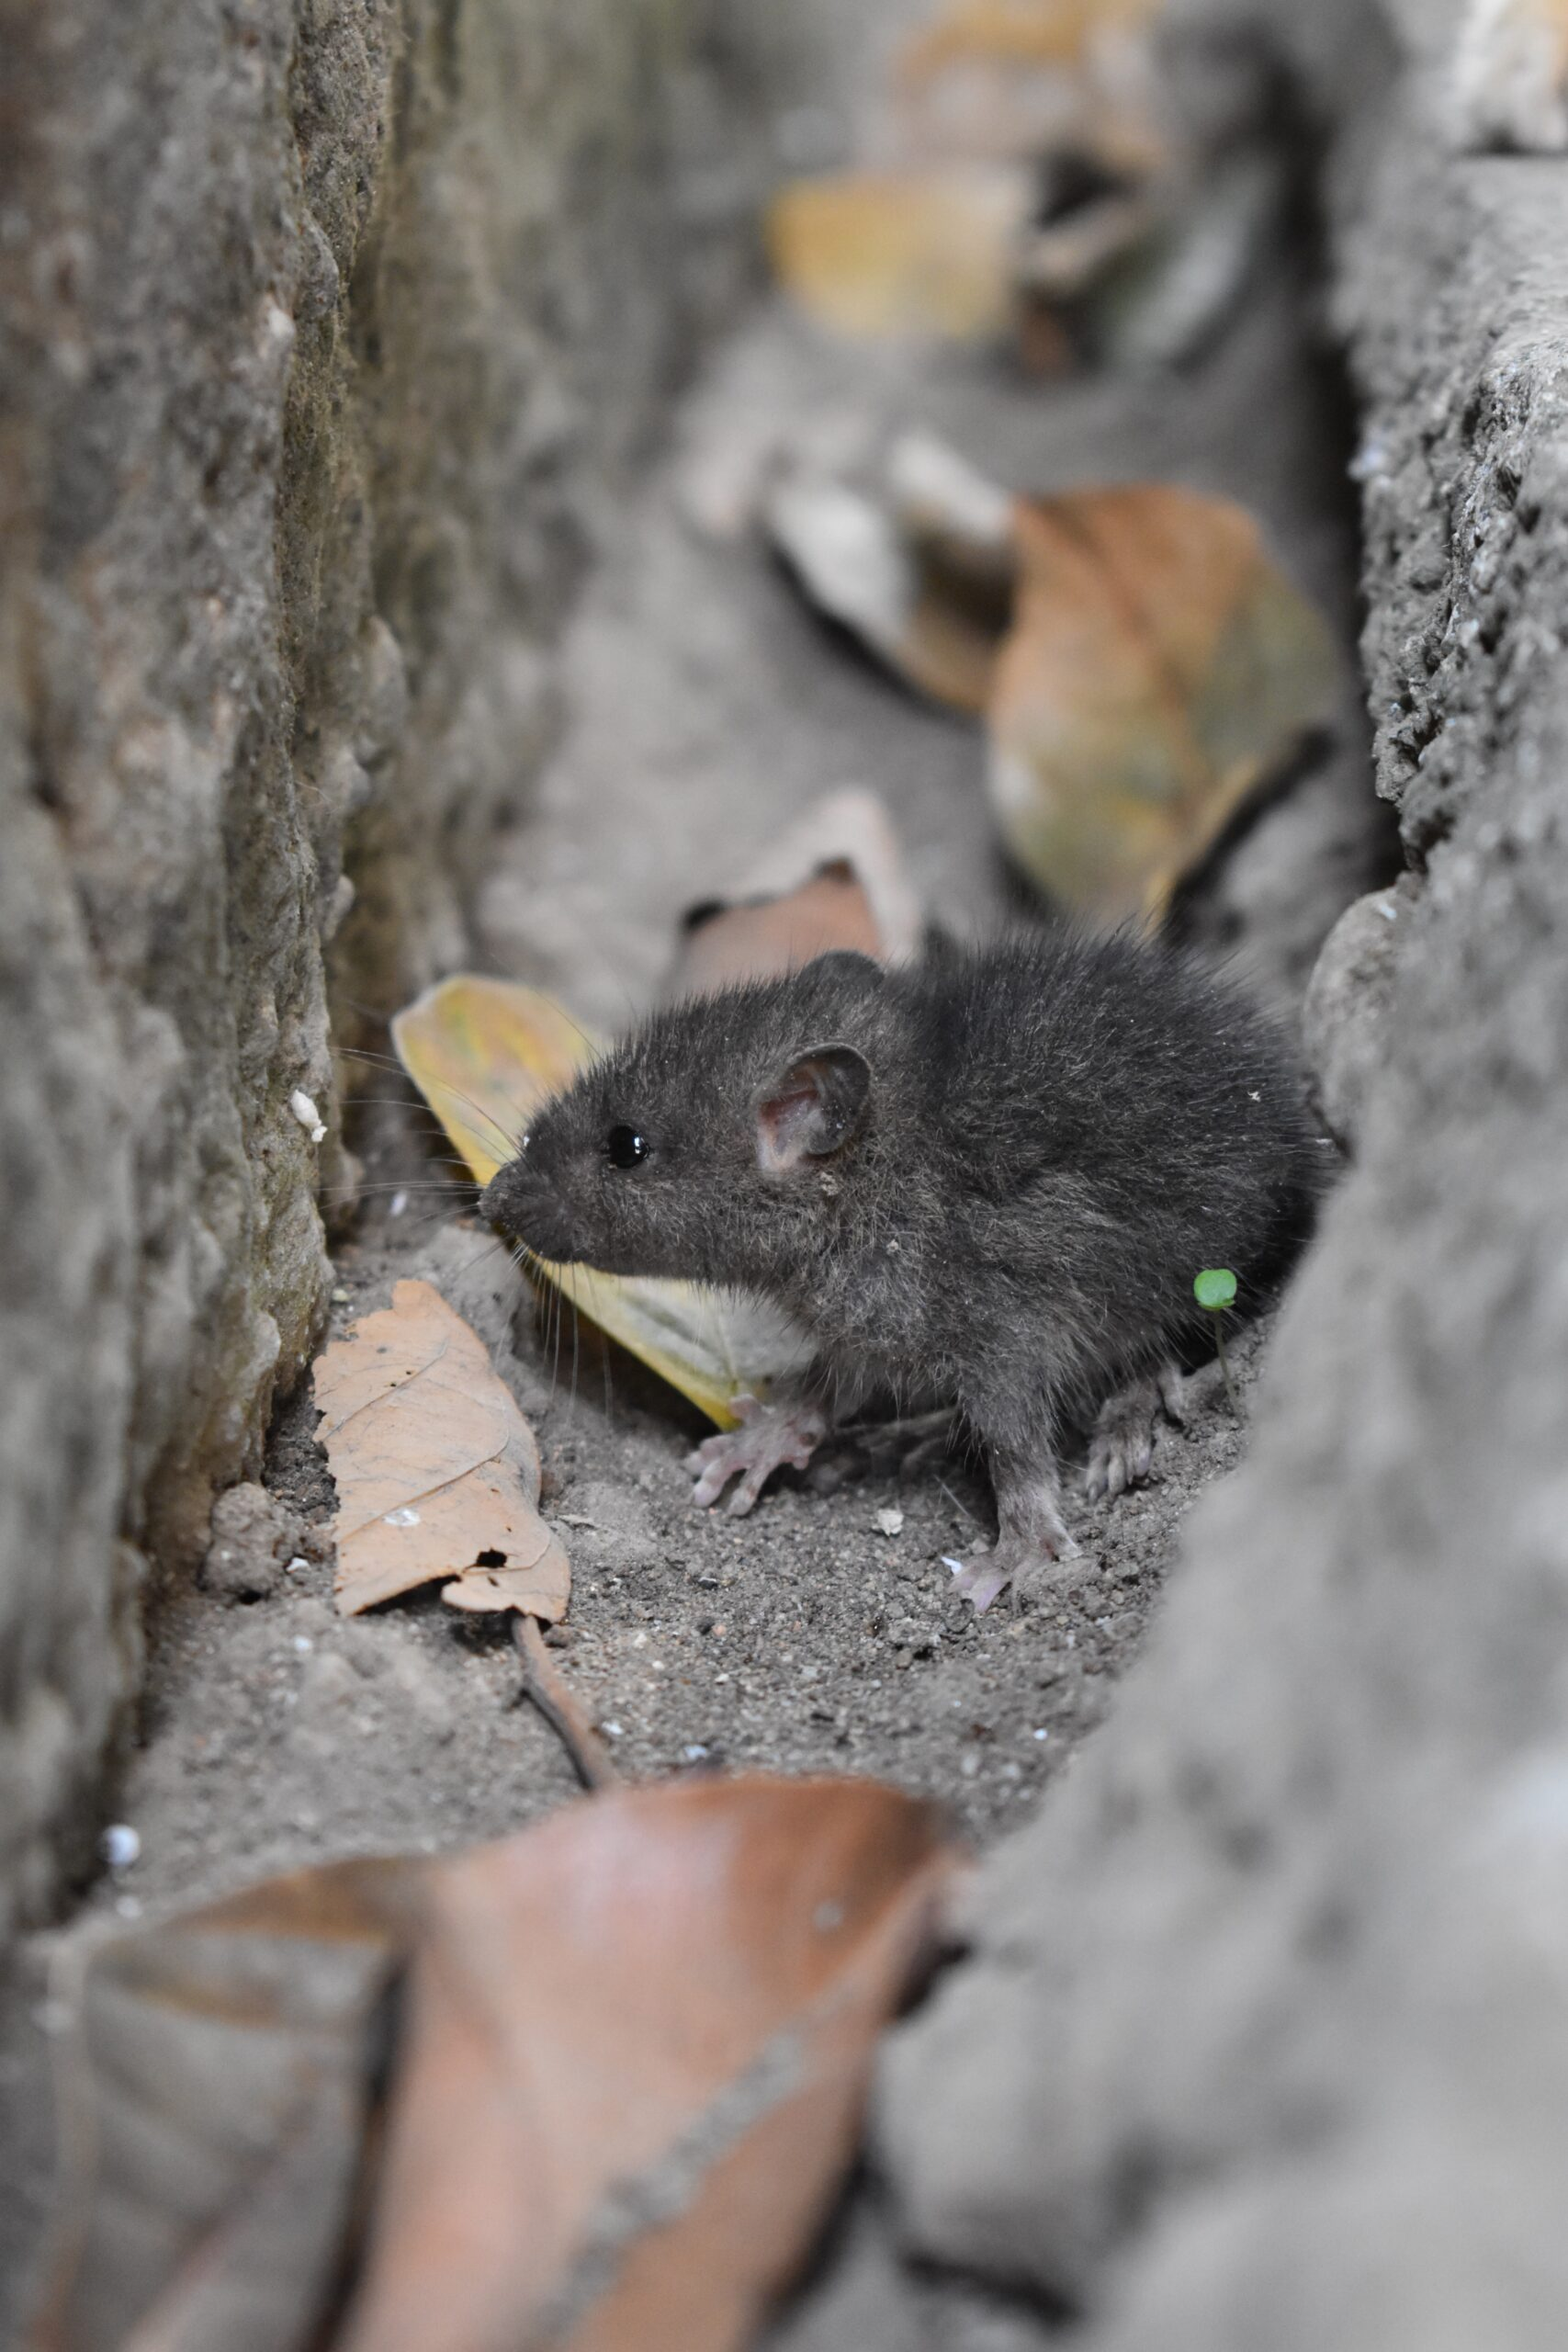 Derattizzazione e disinfestazione topi